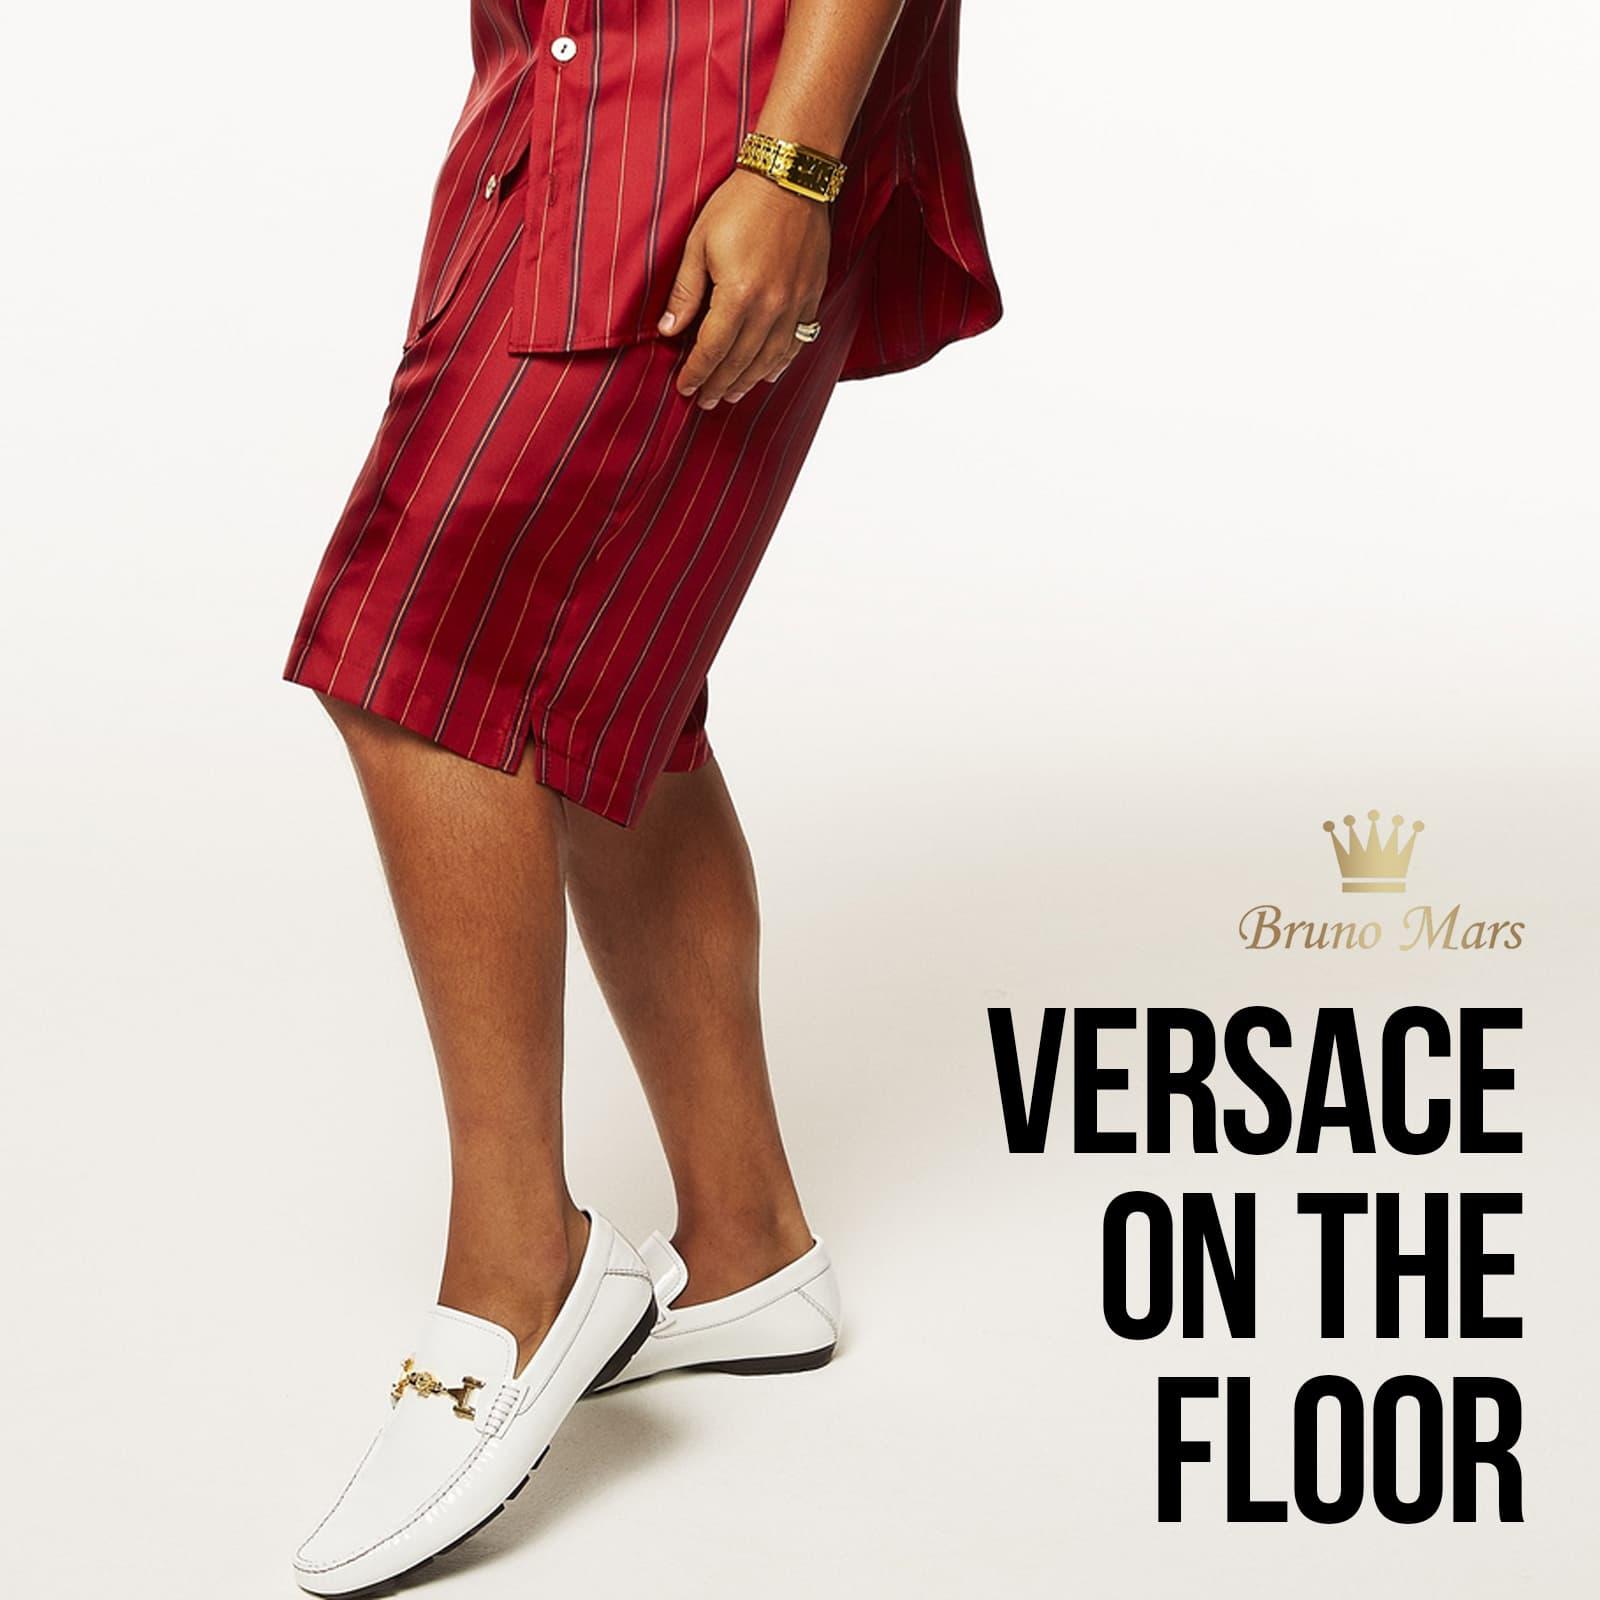 versace-on-the-floor